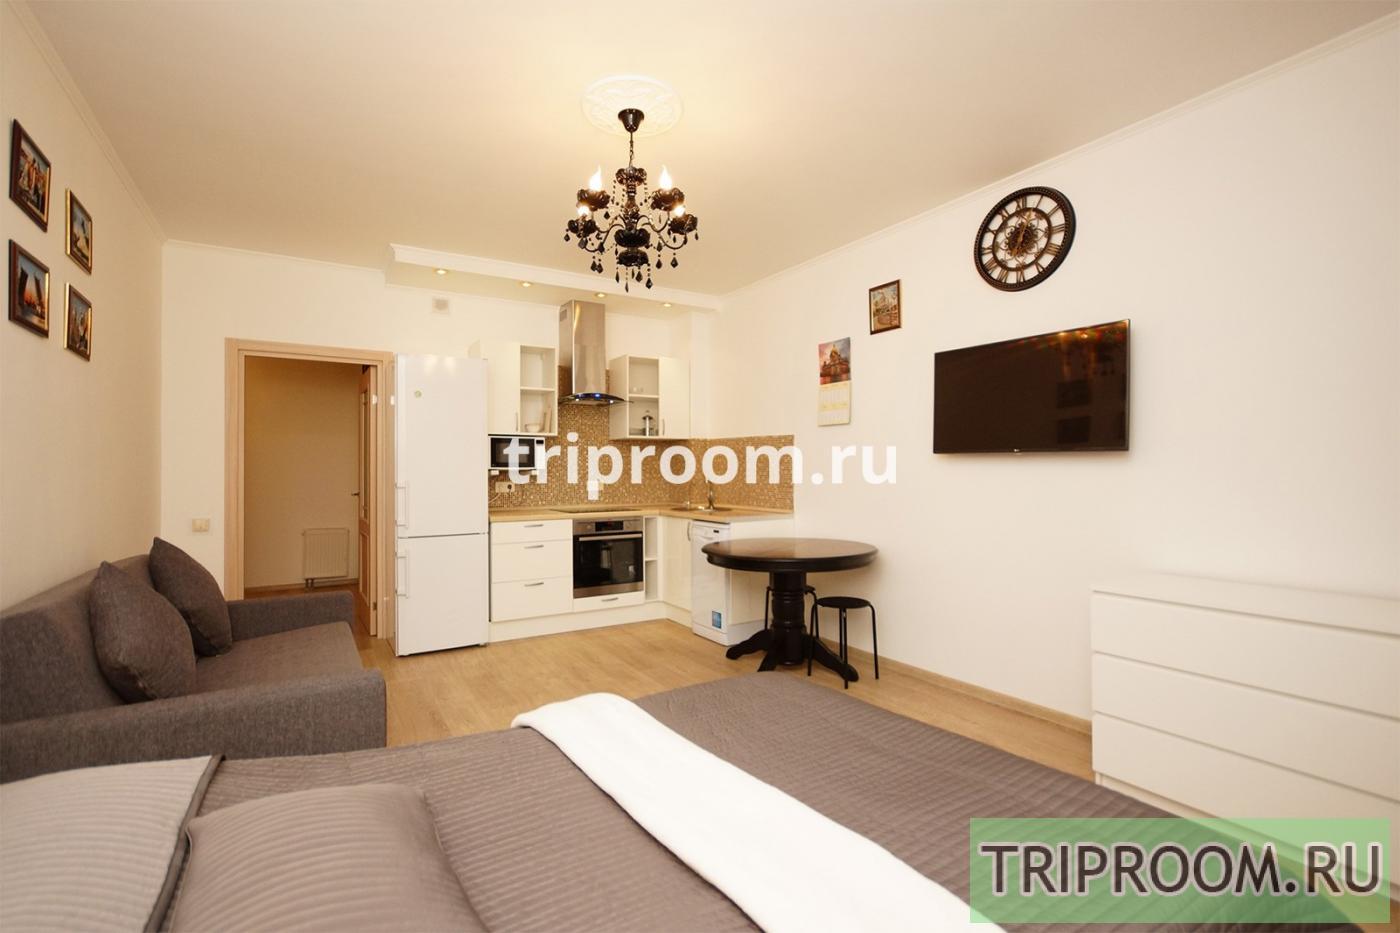 1-комнатная квартира посуточно (вариант № 17278), ул. Полтавский проезд, фото № 3